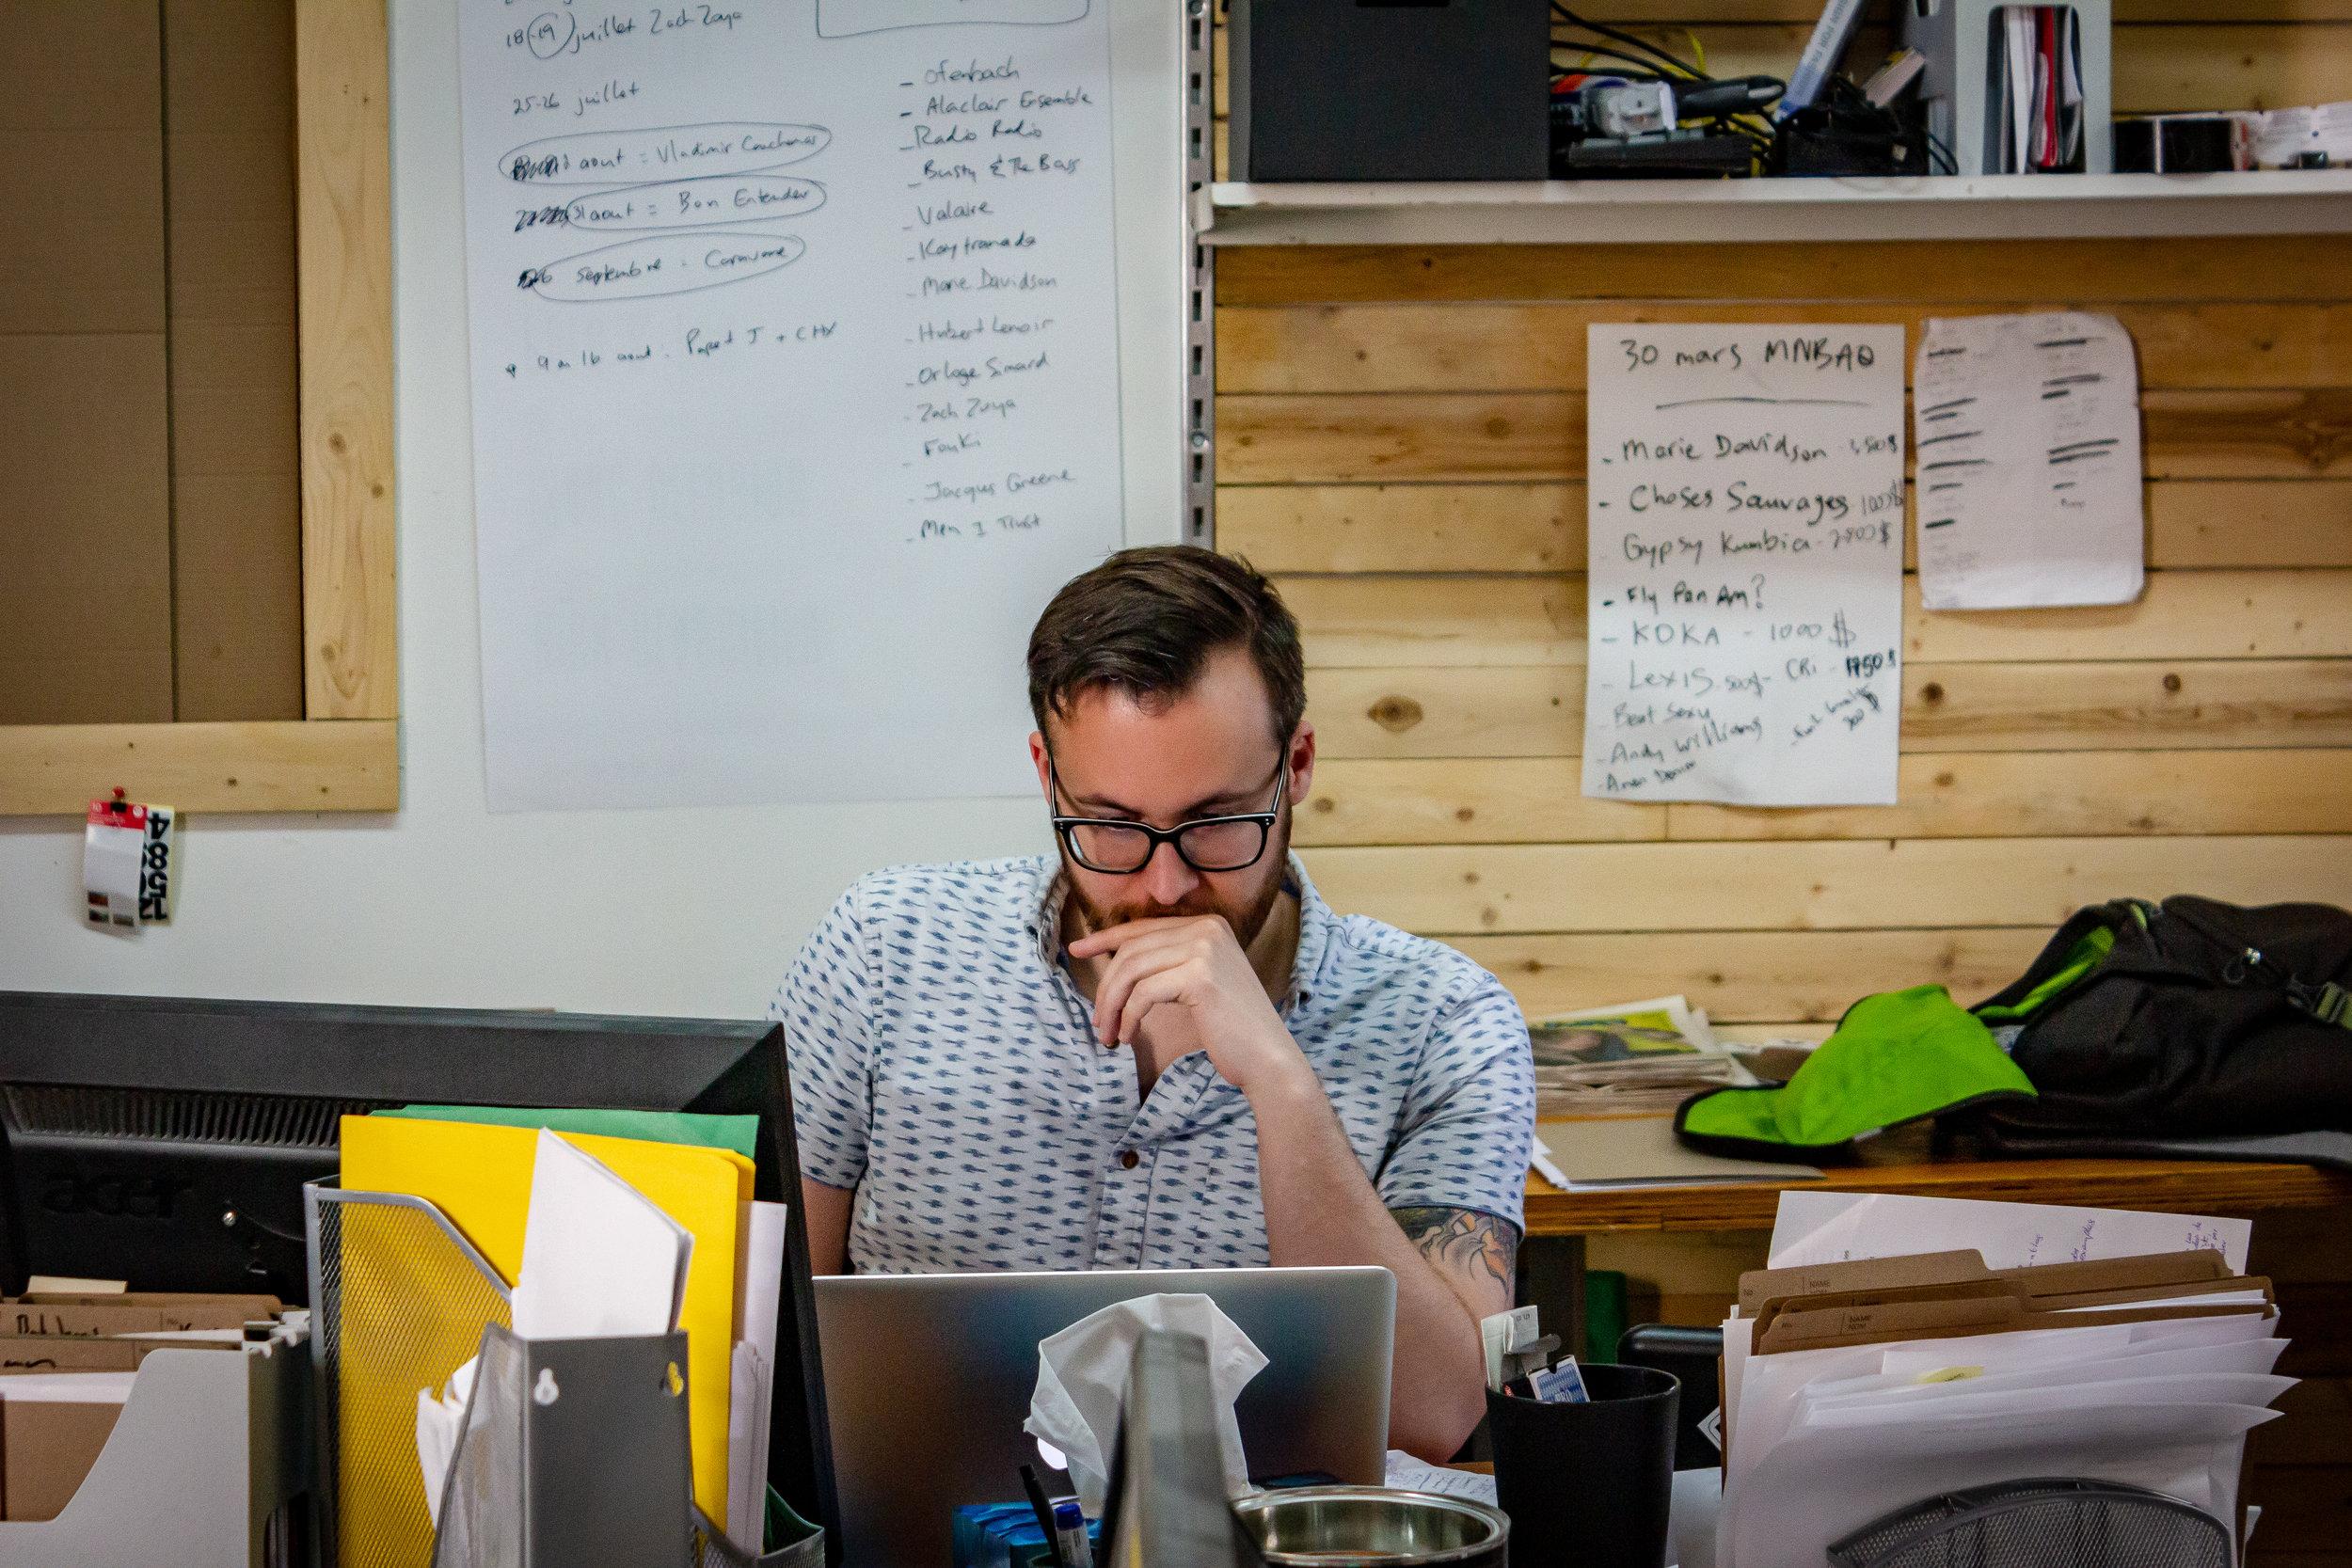 Vincent Leboeuf-Gadreau - unïdsounds, c'est trois gars de Québec qui ont à cœur de faire vivre le son, sous toutes ses formes. Production de spectacles, agence de DJ, gestion de programmation, listes de lecture adaptées, sonorisation.. tout y passe. Le nom de l'entreprise est d'ailleurs né d'un jeu phonétique découlant de la phrase «You need sounds». Rencontre avec Vincent Leboeuf Gadreau, mastermind derrière les communications de l'entreprise.